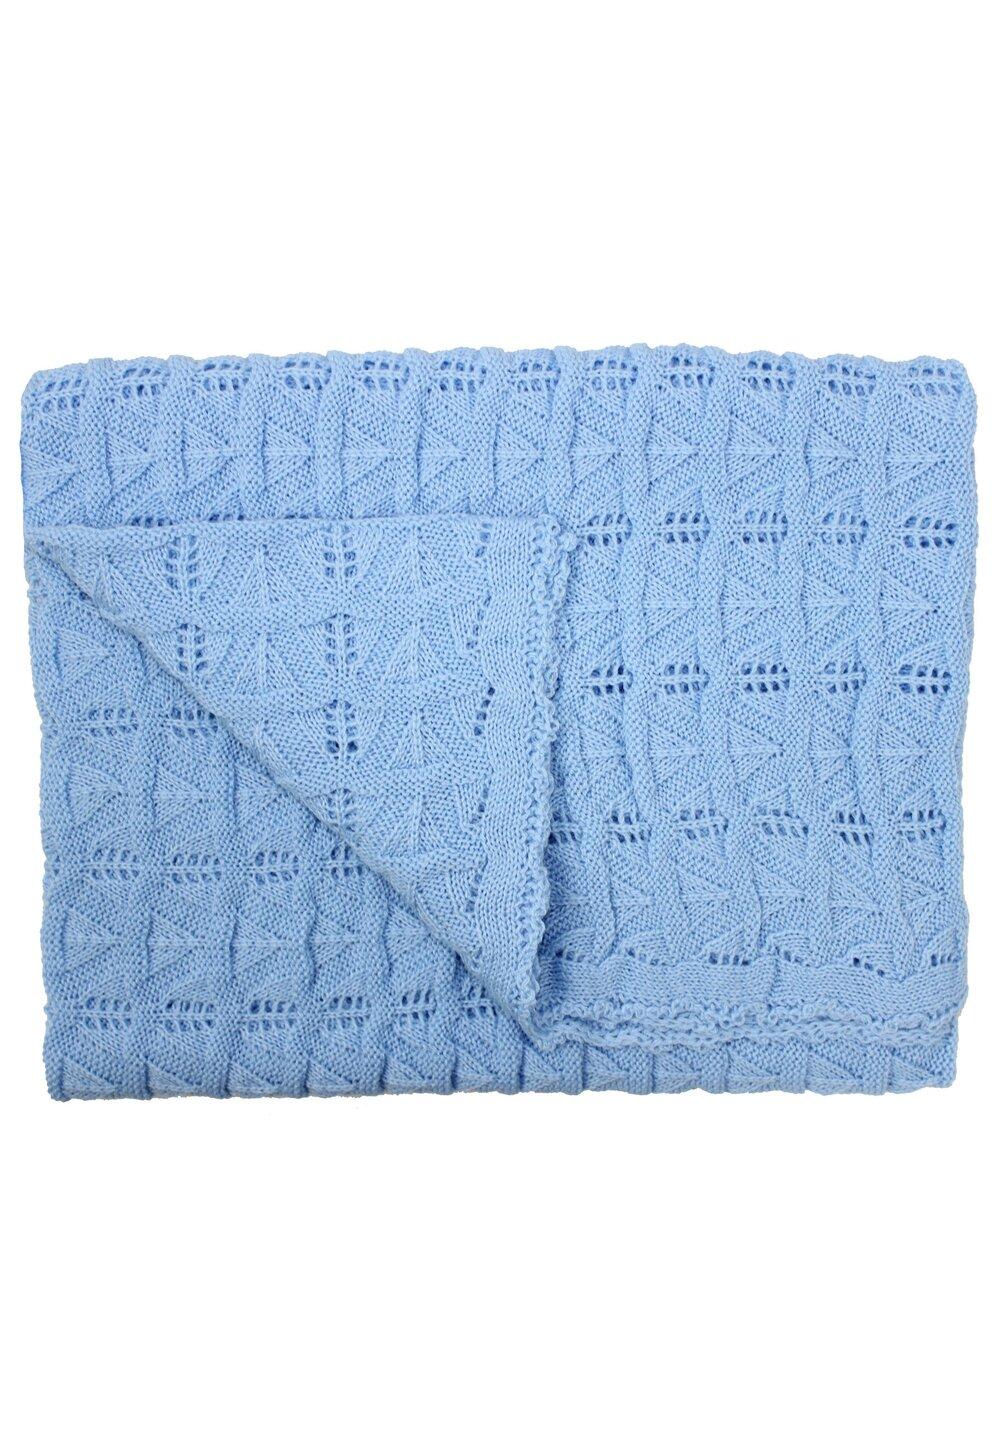 Paturica tricotata, Lola, albastra, 90x90cm imagine